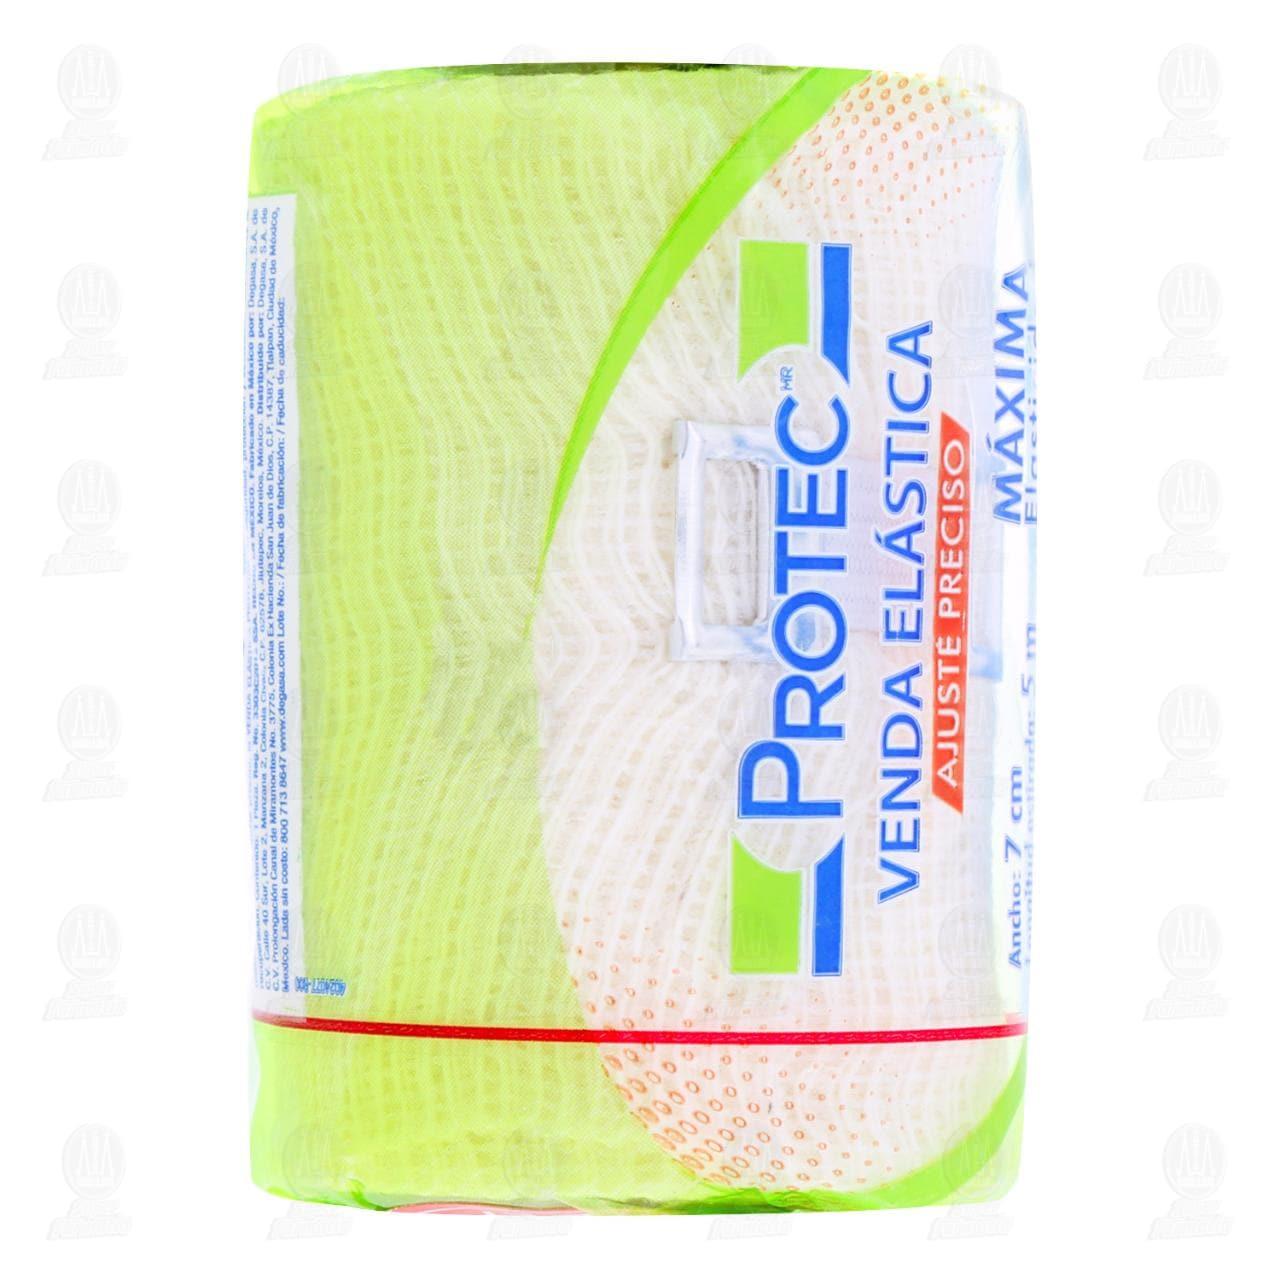 Comprar Venda Elástica Protec 7cm x 5m 1pz en Farmacias Guadalajara